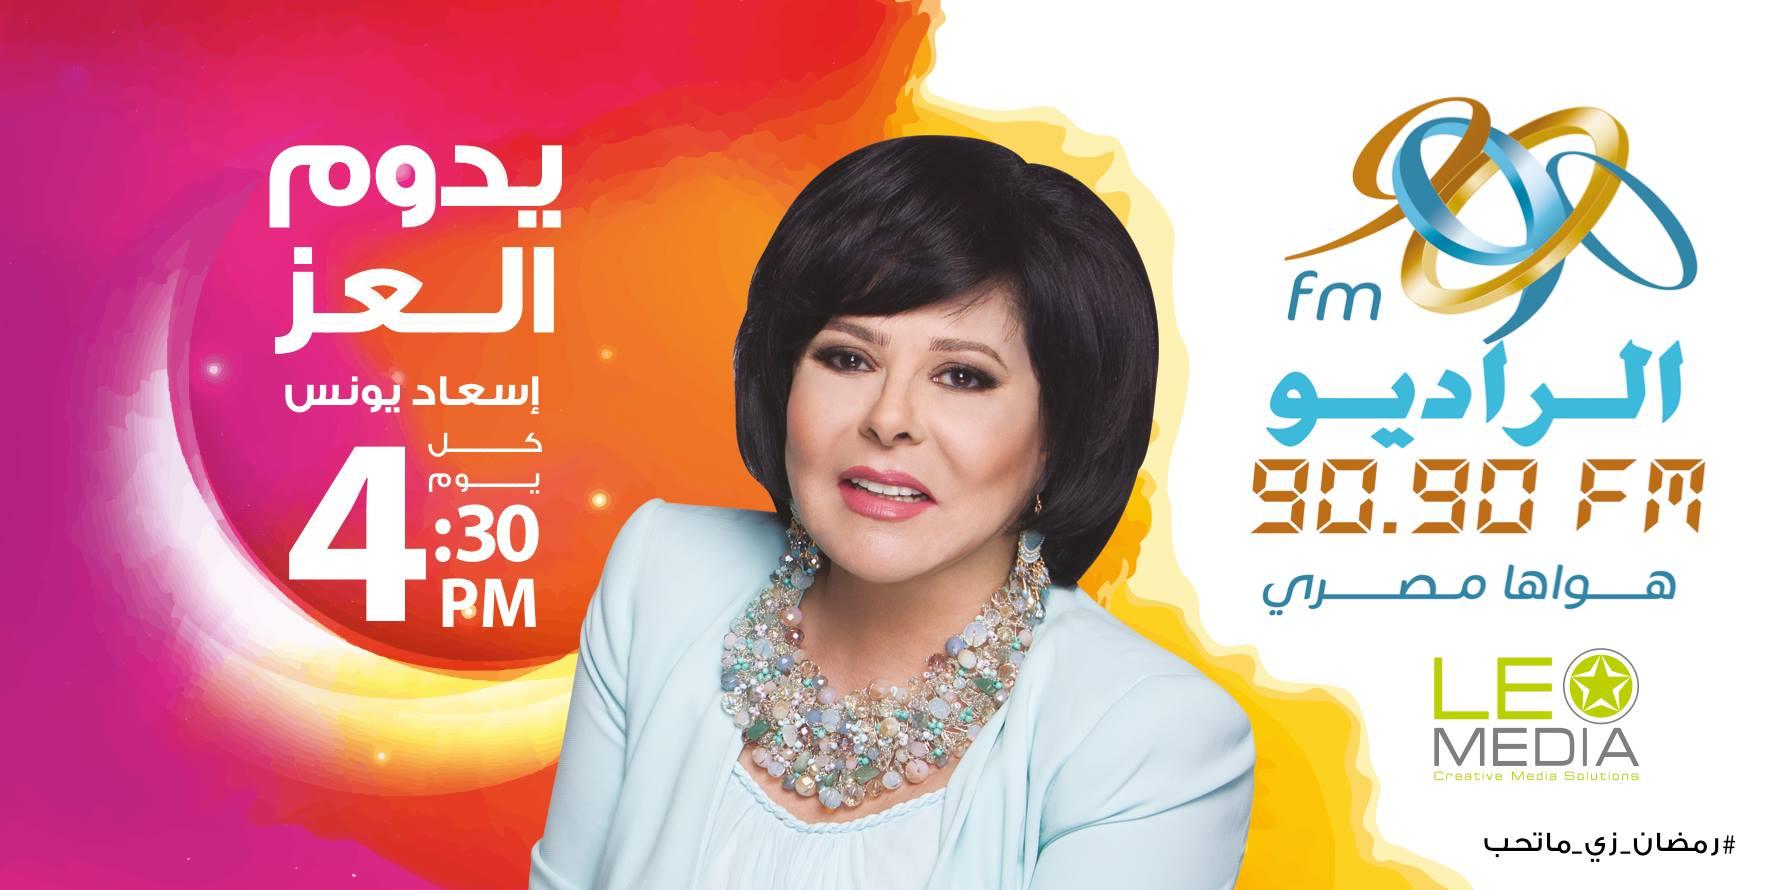 """إسعاد يونس تقدم برنامج """"يدوم العز """"الإذاعي في رمضان 2017"""